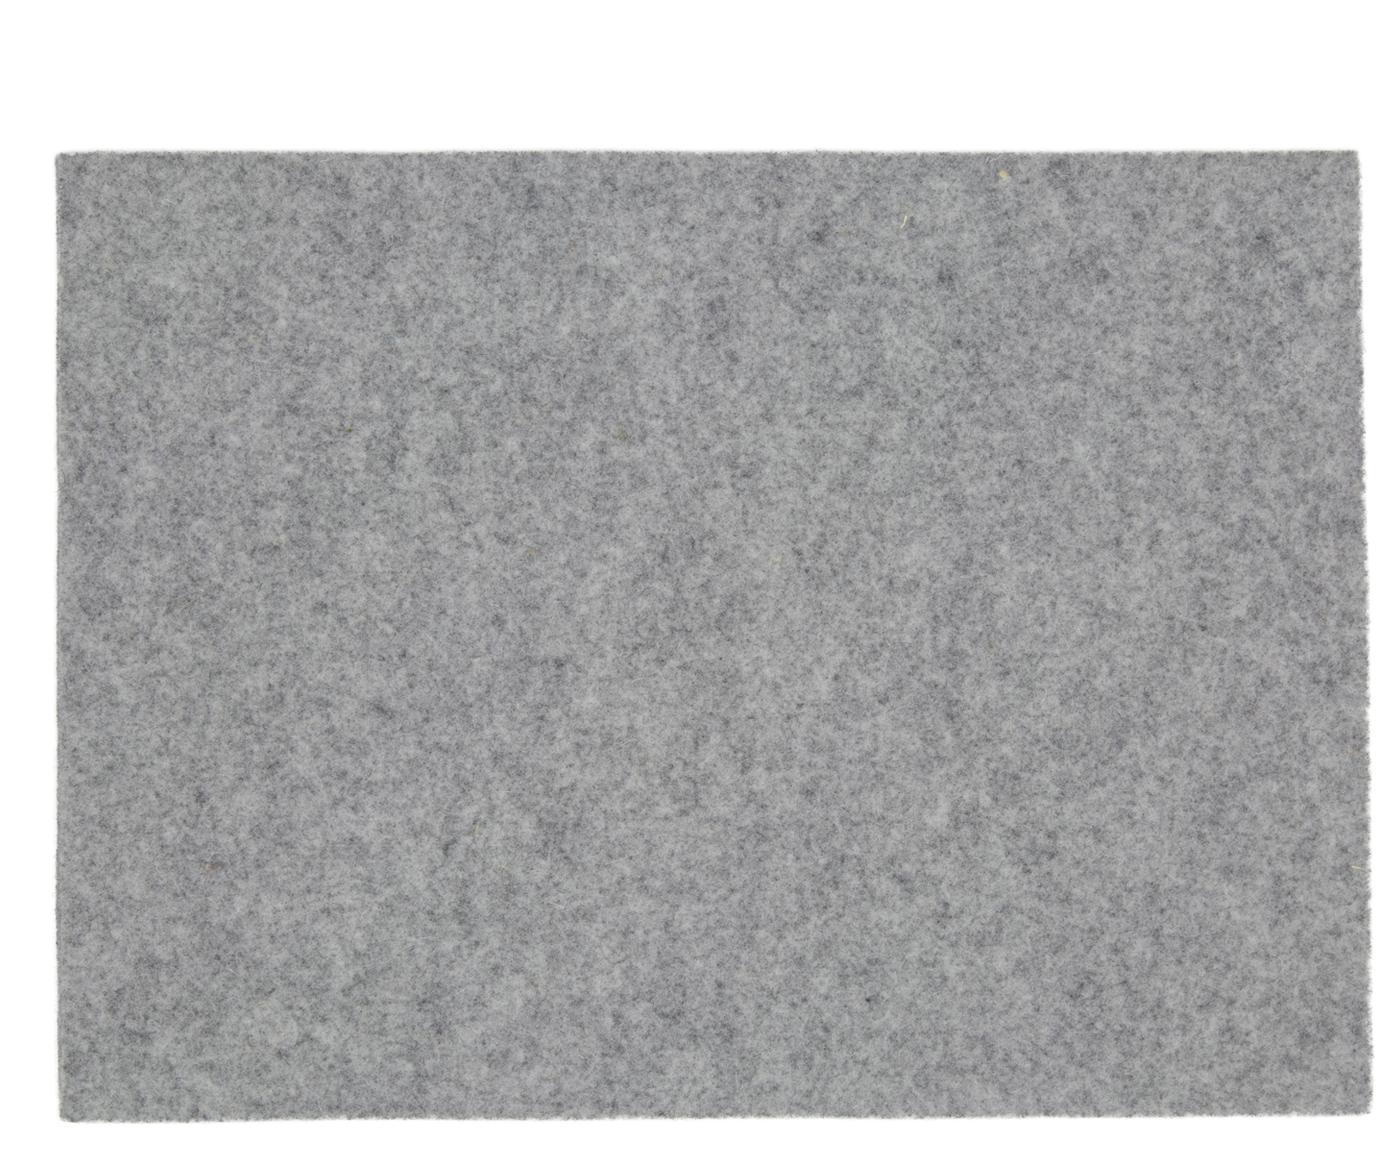 Manteles individuales de fieltro de lana Leandra, 4uds., 90% lana, 10% polietileno, Gris claro, An 33 x L 45 cm